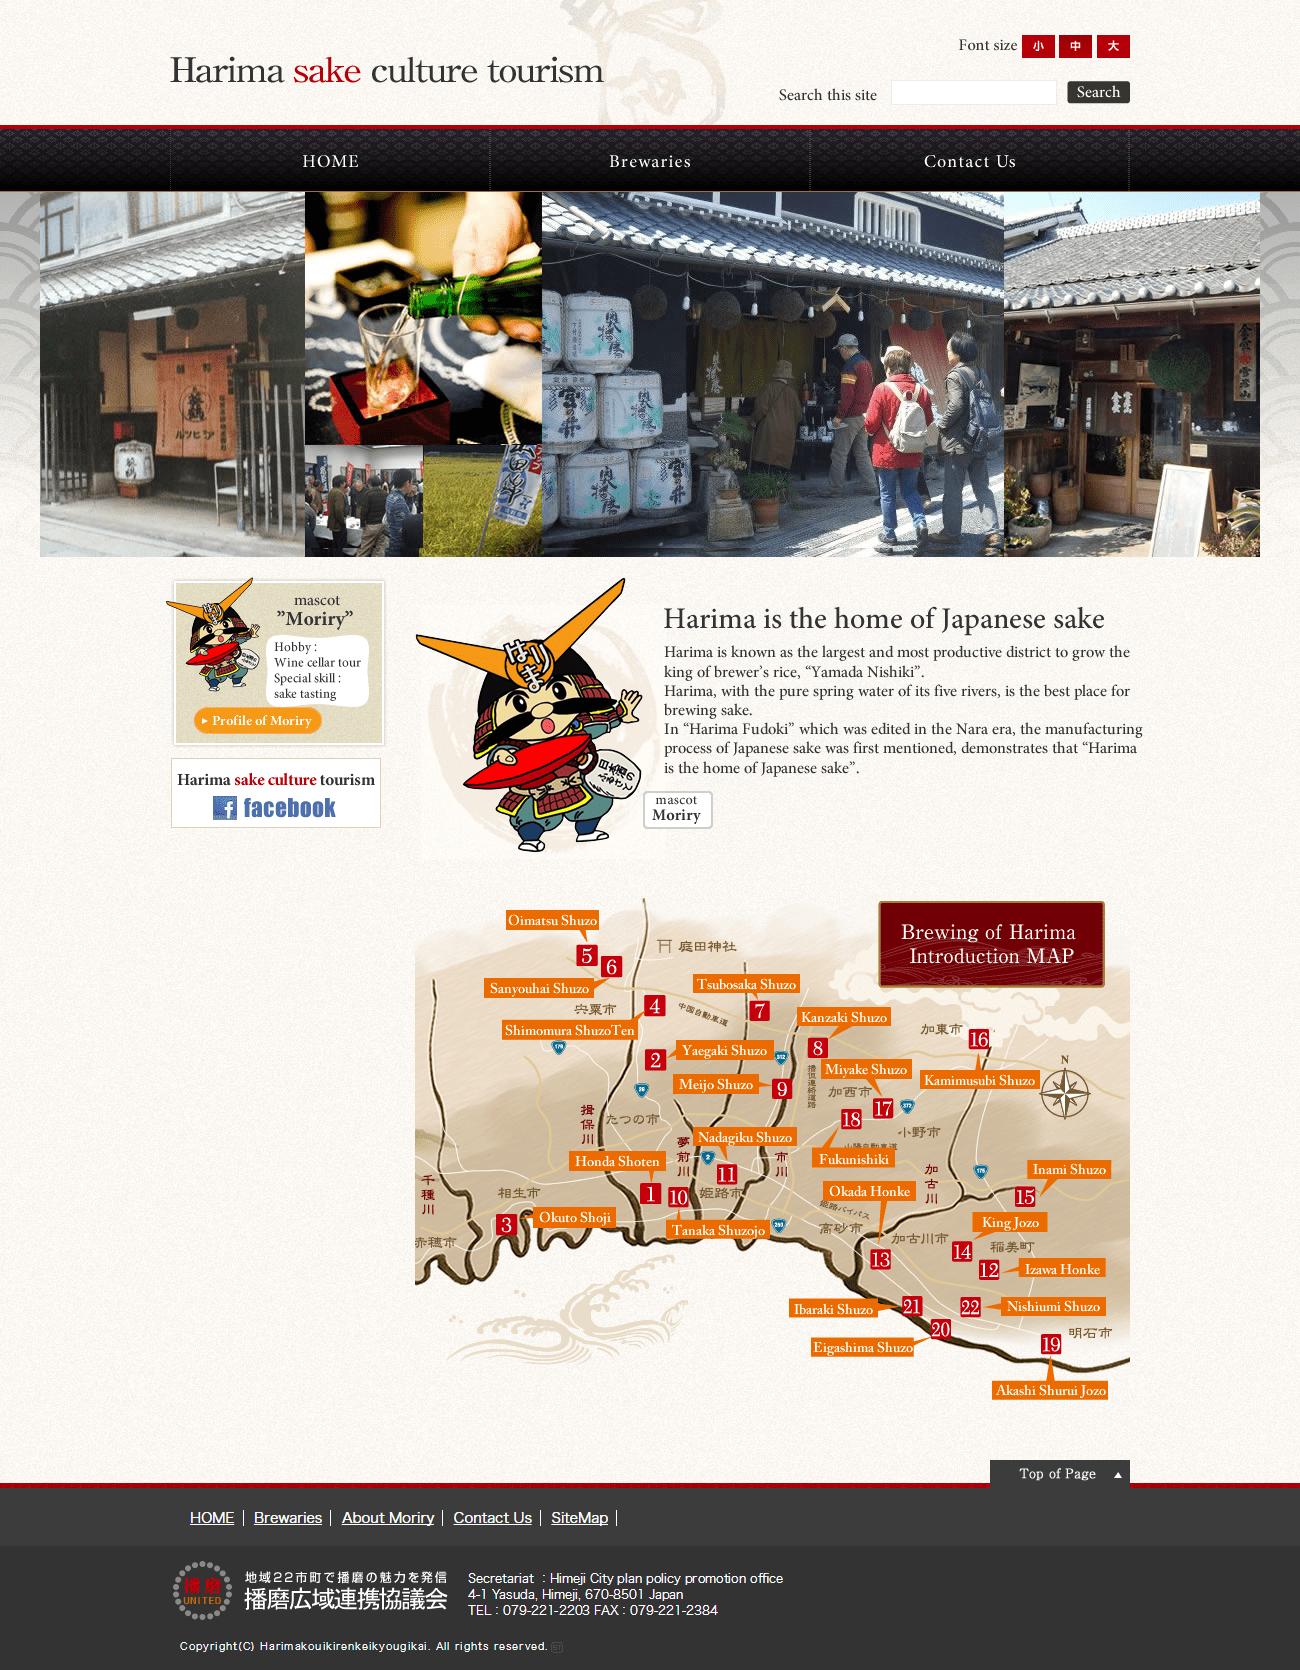 姫路市 播磨広域連携協議会 はりま酒文化ツーリズム 英語サイト1